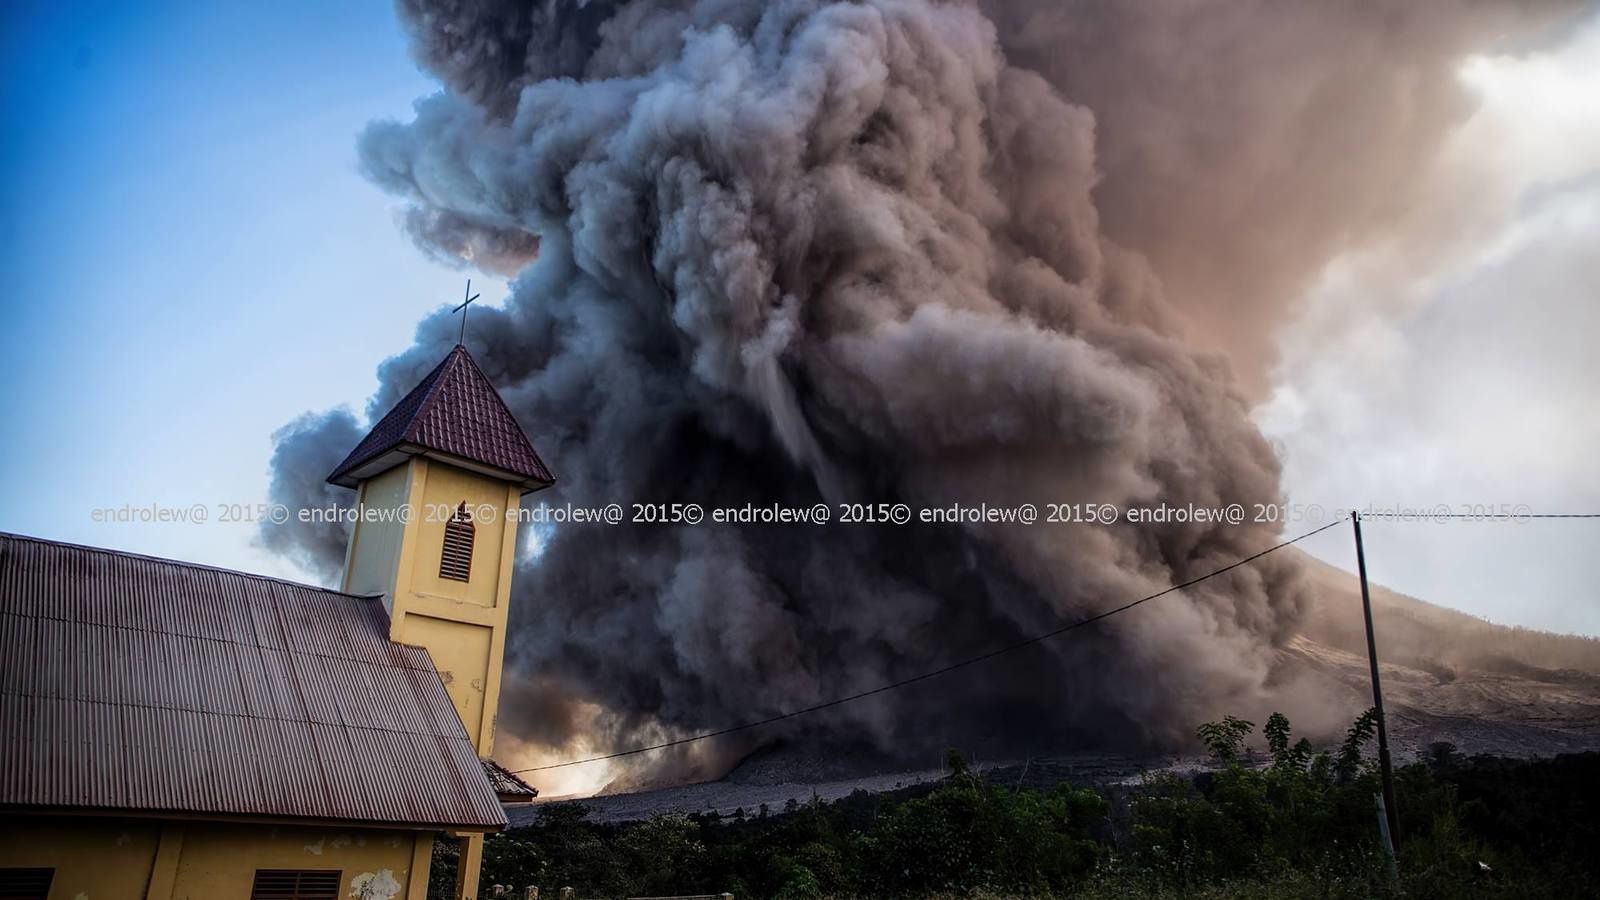 Sinabung  et une coulée pyroclastique, vus du sud-est, le 29 juin à 15h02 et 15h08 - photos endrolew@